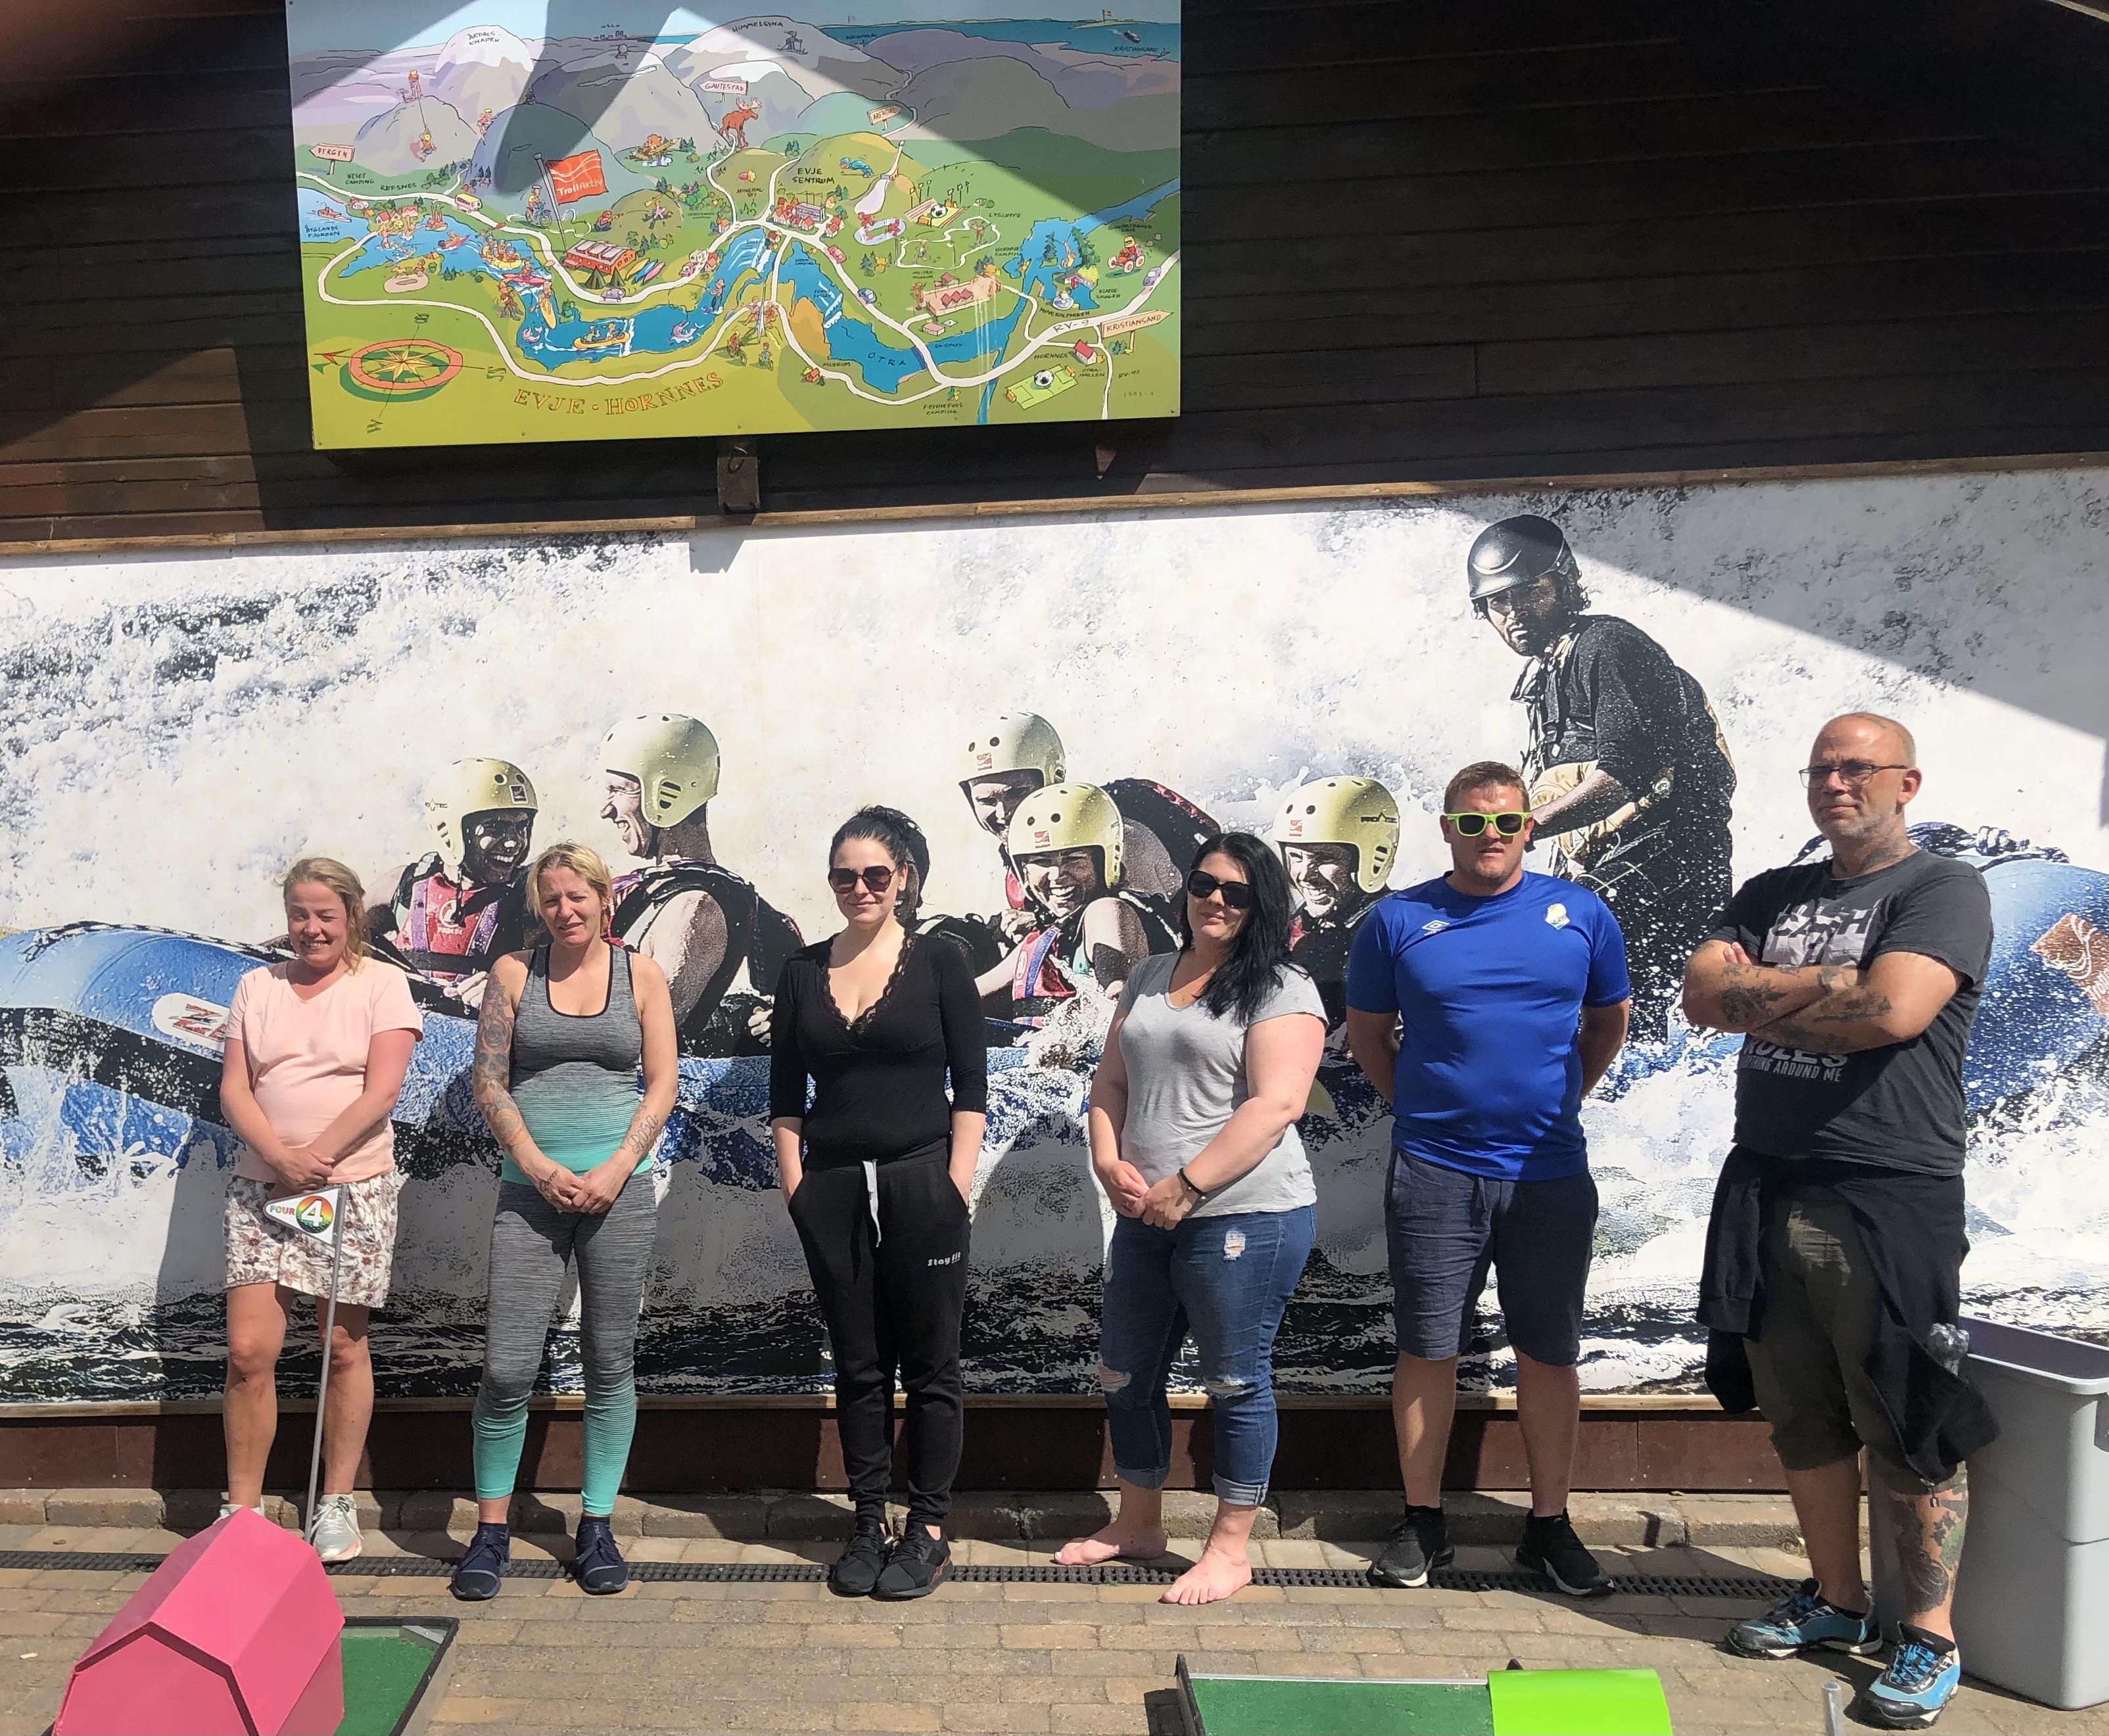 Ridegruppa vår fra AGR har på bare et lite halvår dannet et godt fellesskap. Foto: Liv Ekeberg